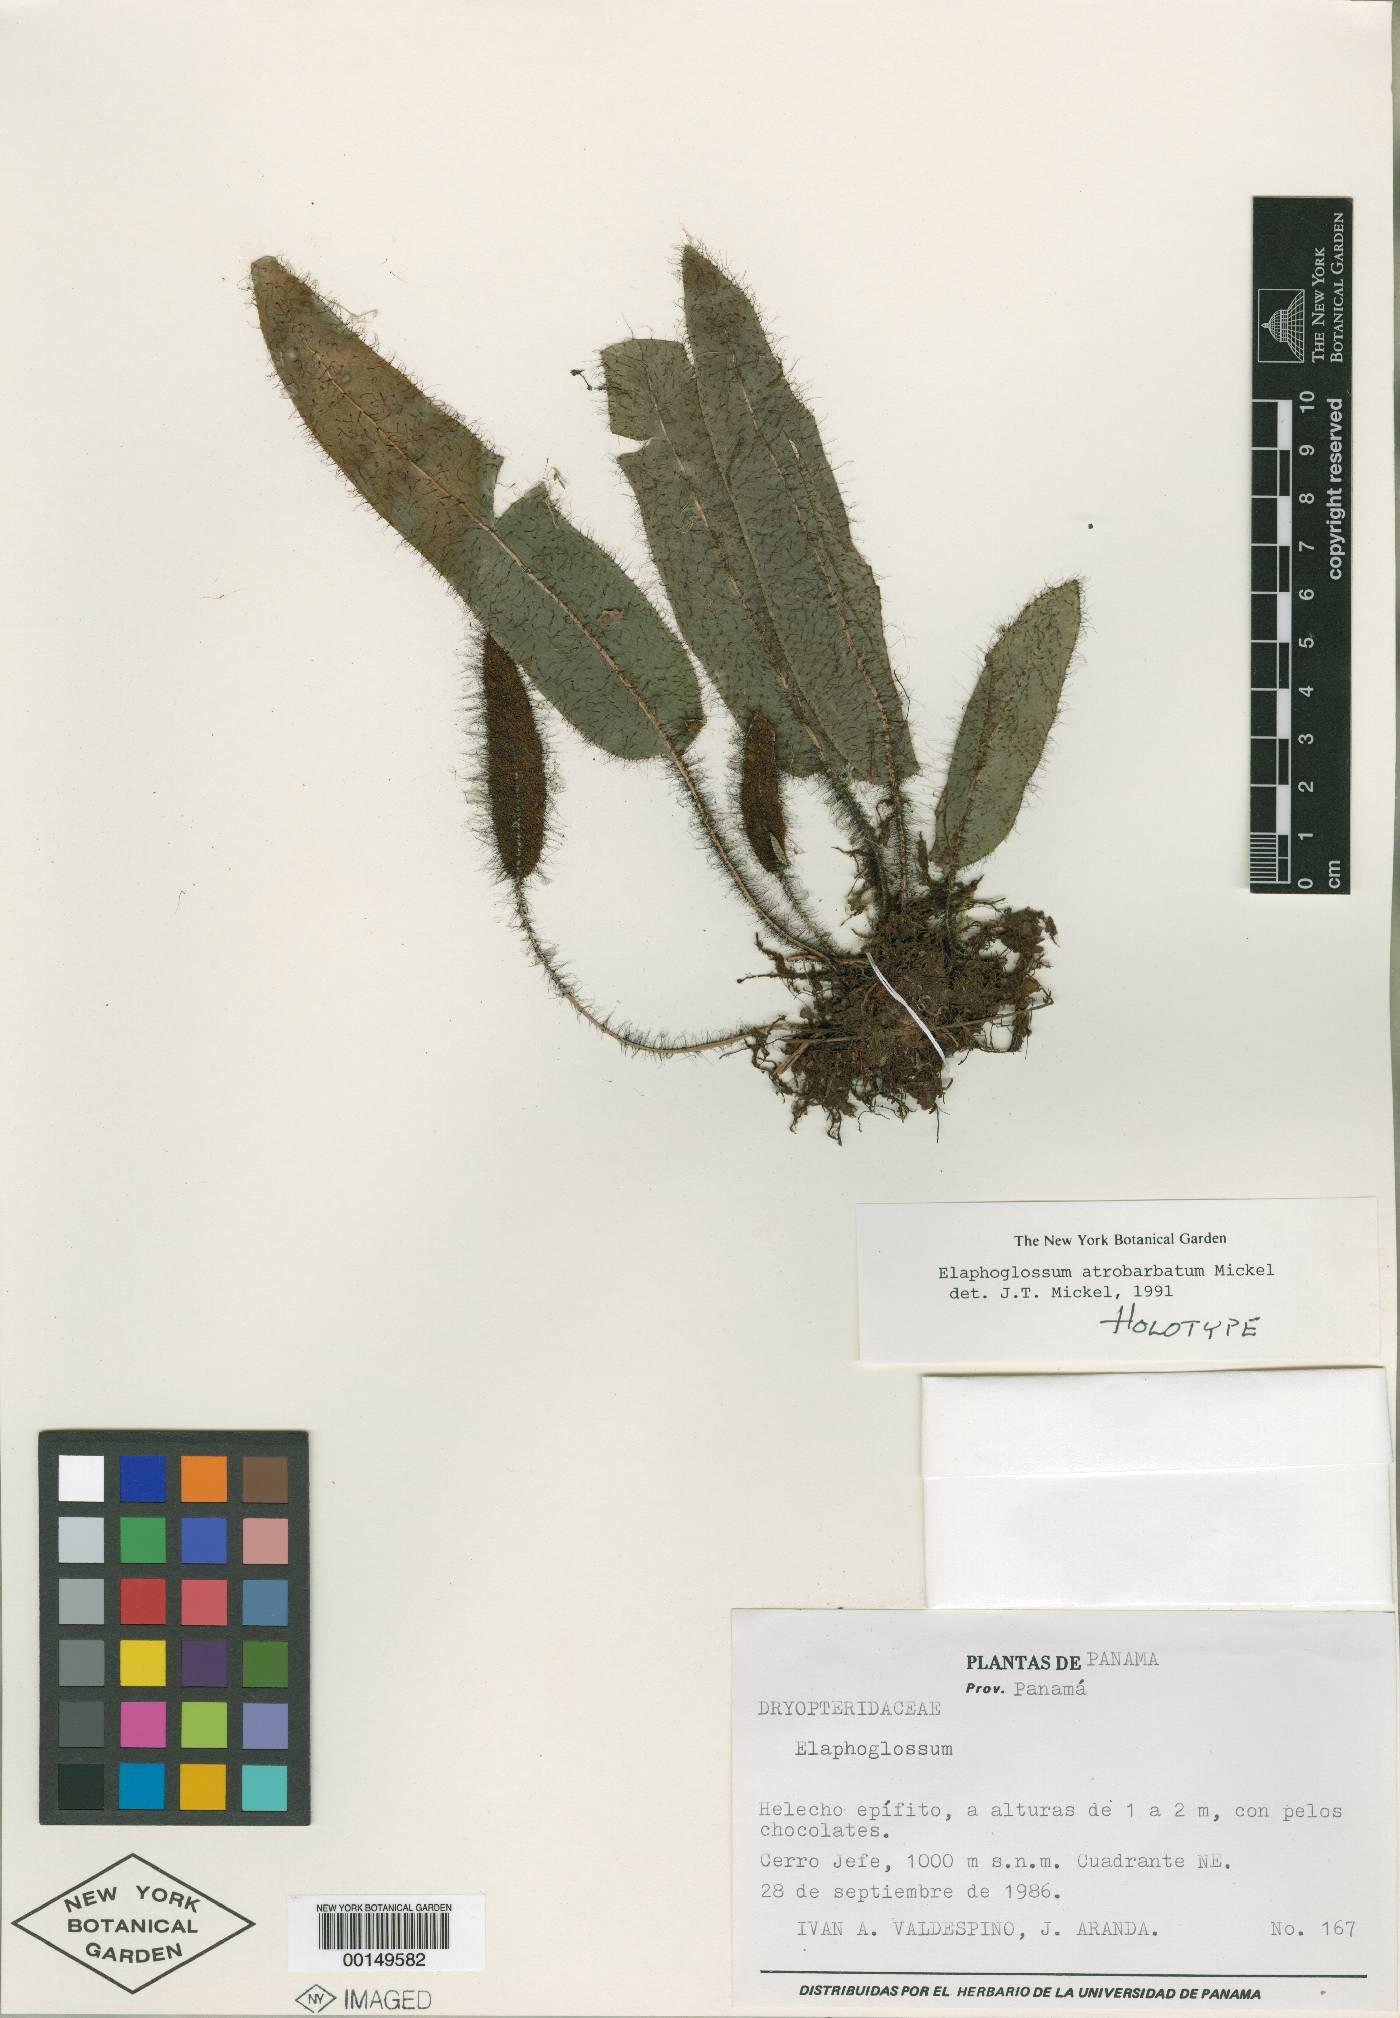 Elaphoglossum atrobarbatum image